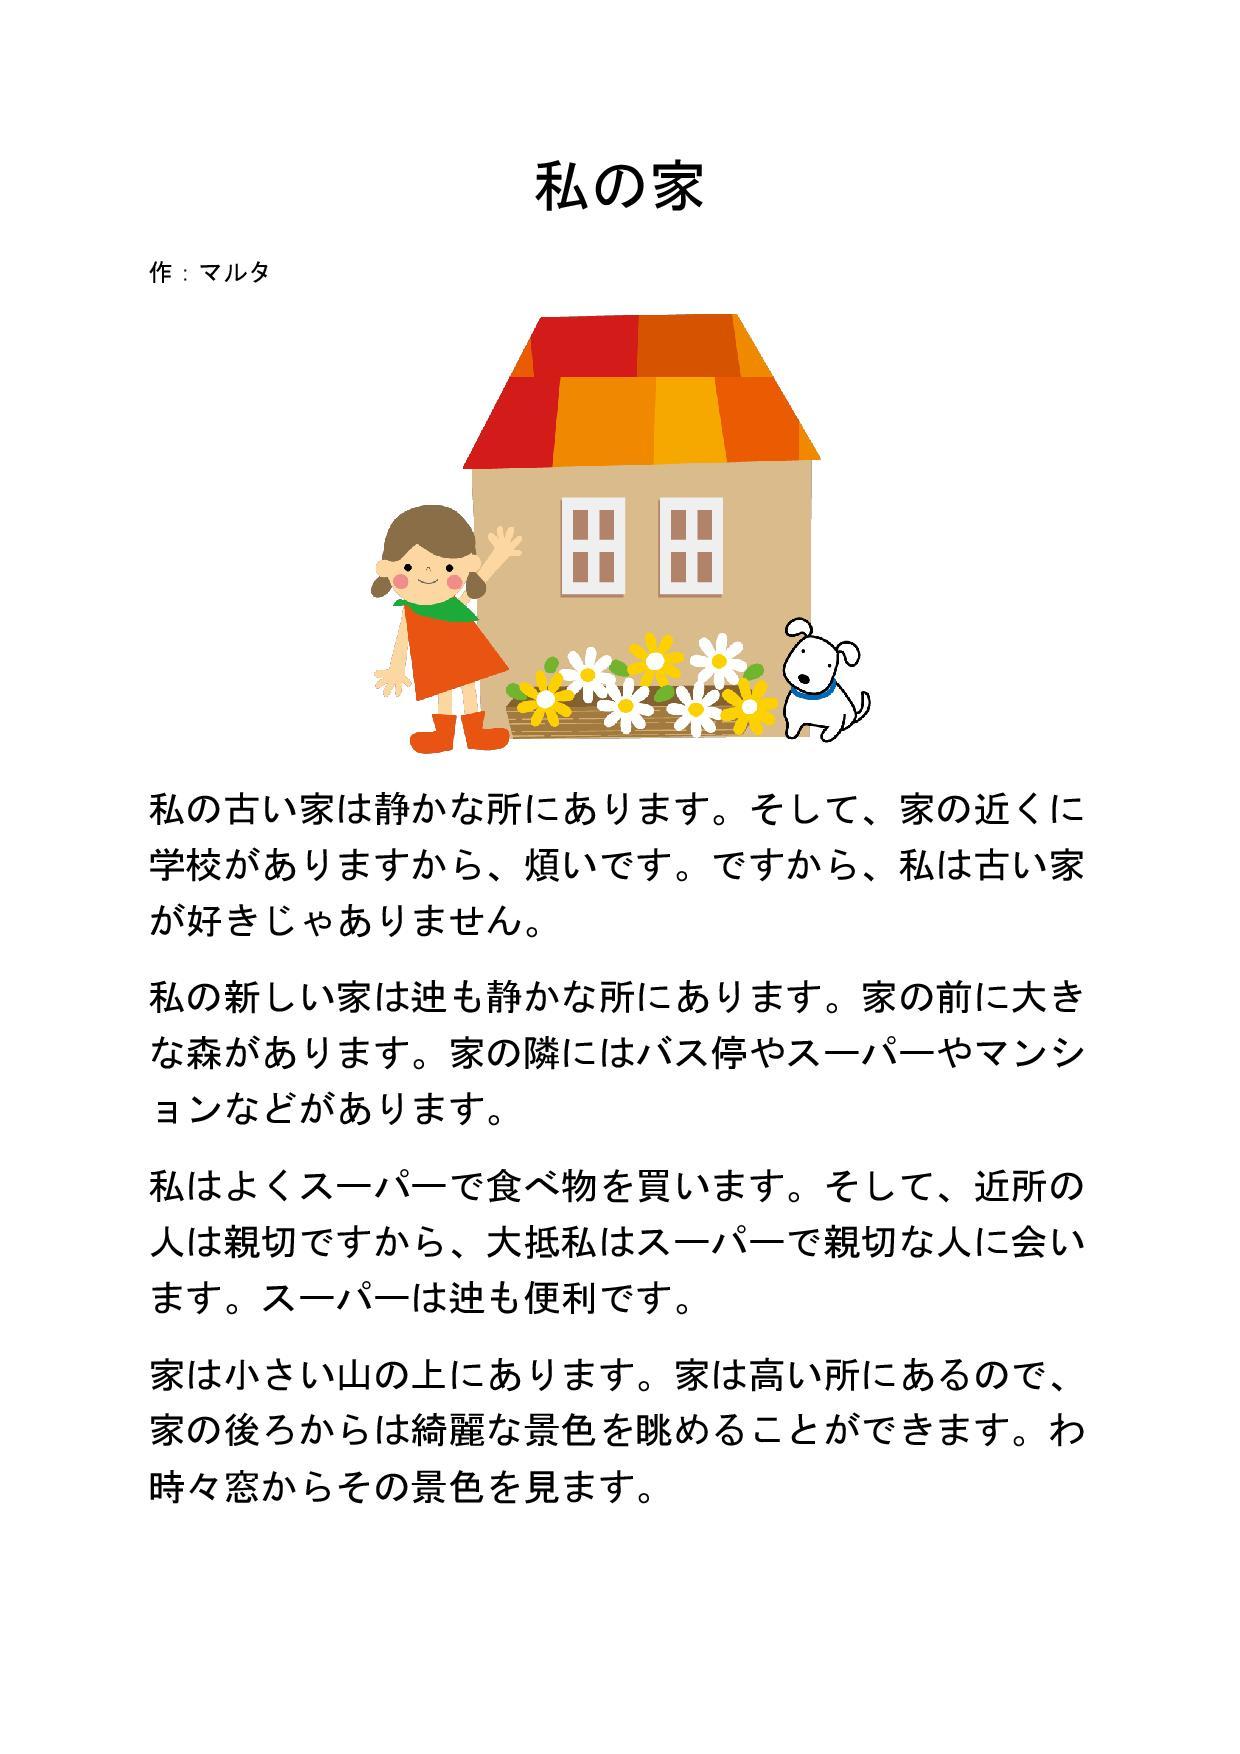 私の家-page-001